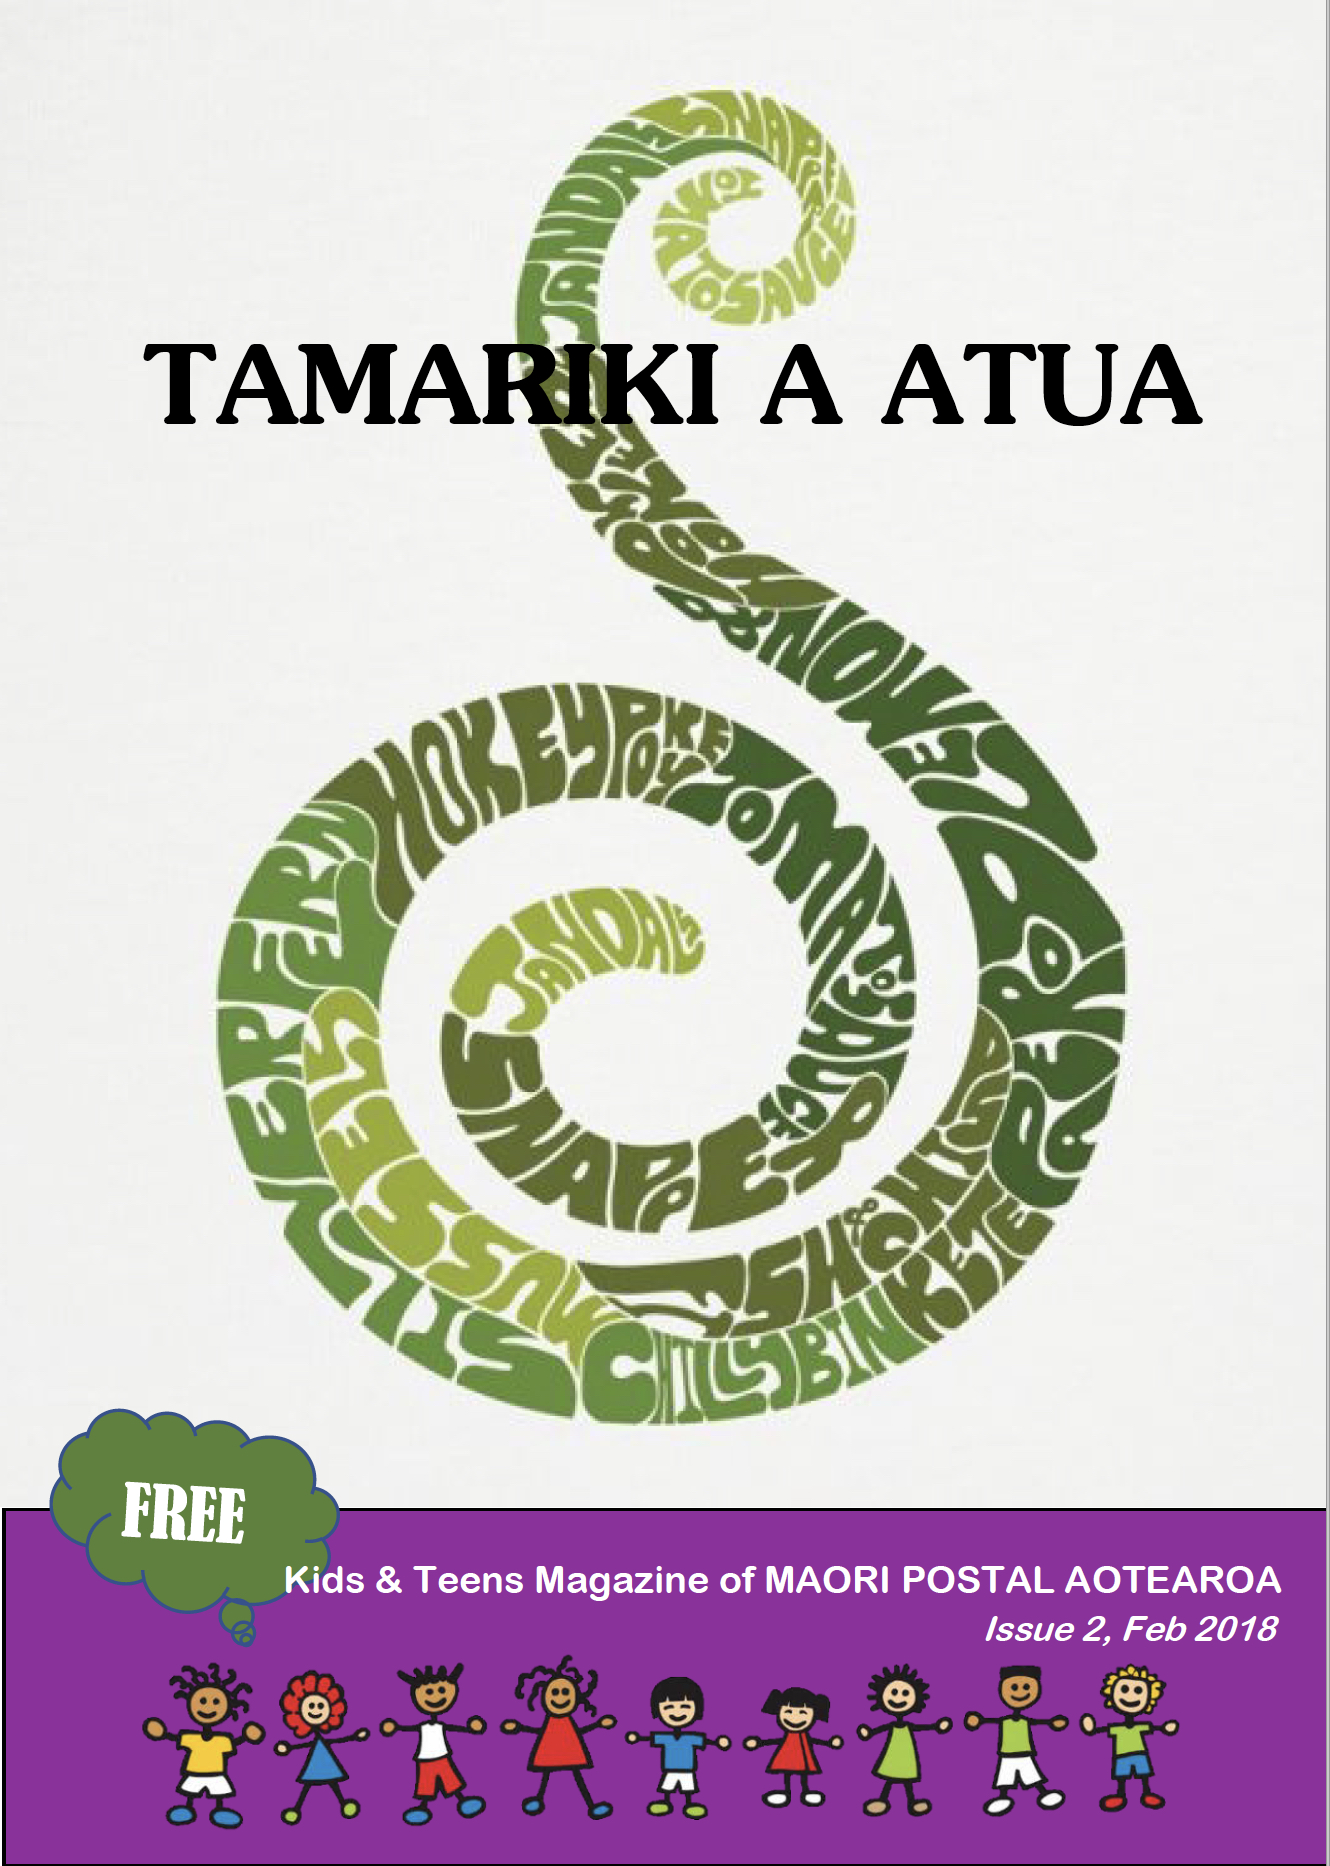 2018 Tamariki A Atua Issue 2.jpg